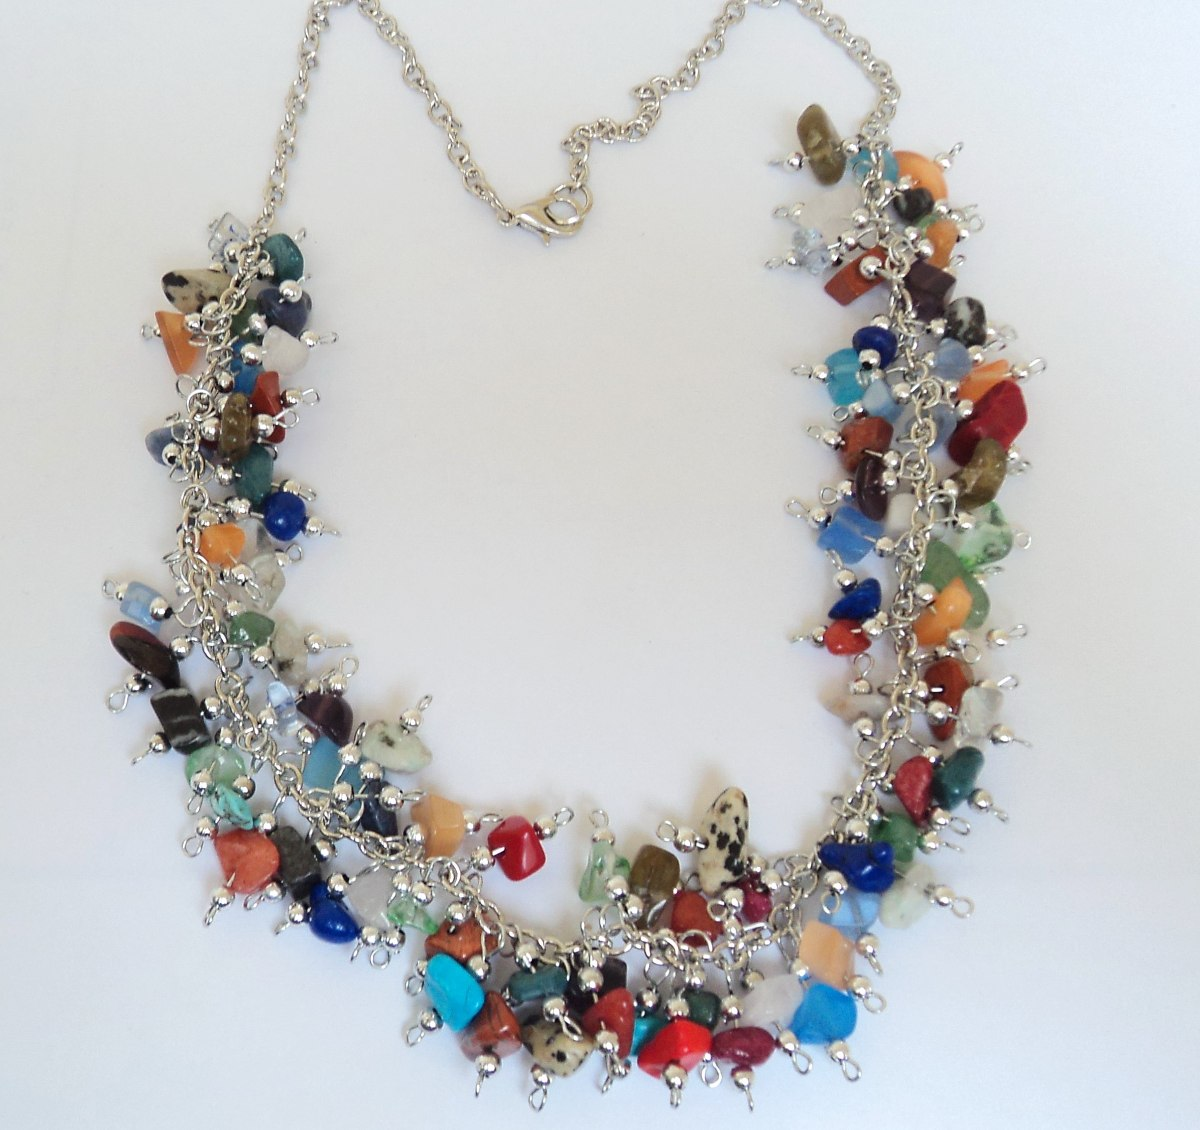 Collar Artesanal Con Piedras Semipreciosas Variadas Naturale